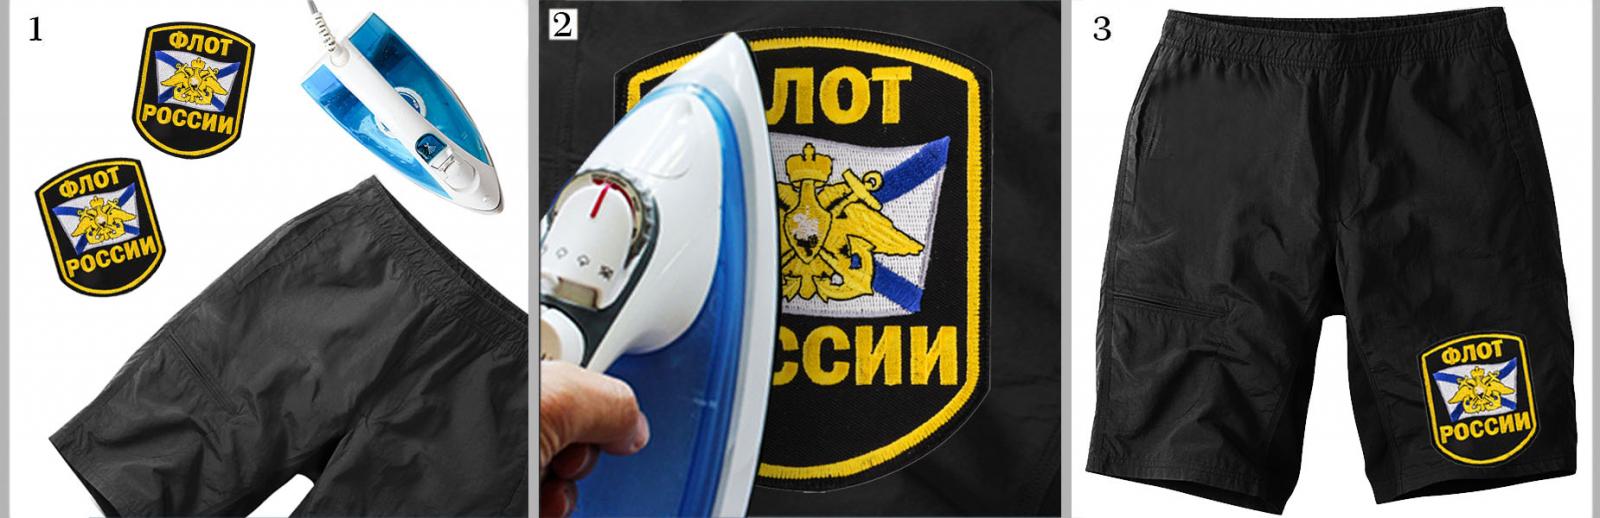 """Шеврон моряка """"Флот России"""" на шортах"""